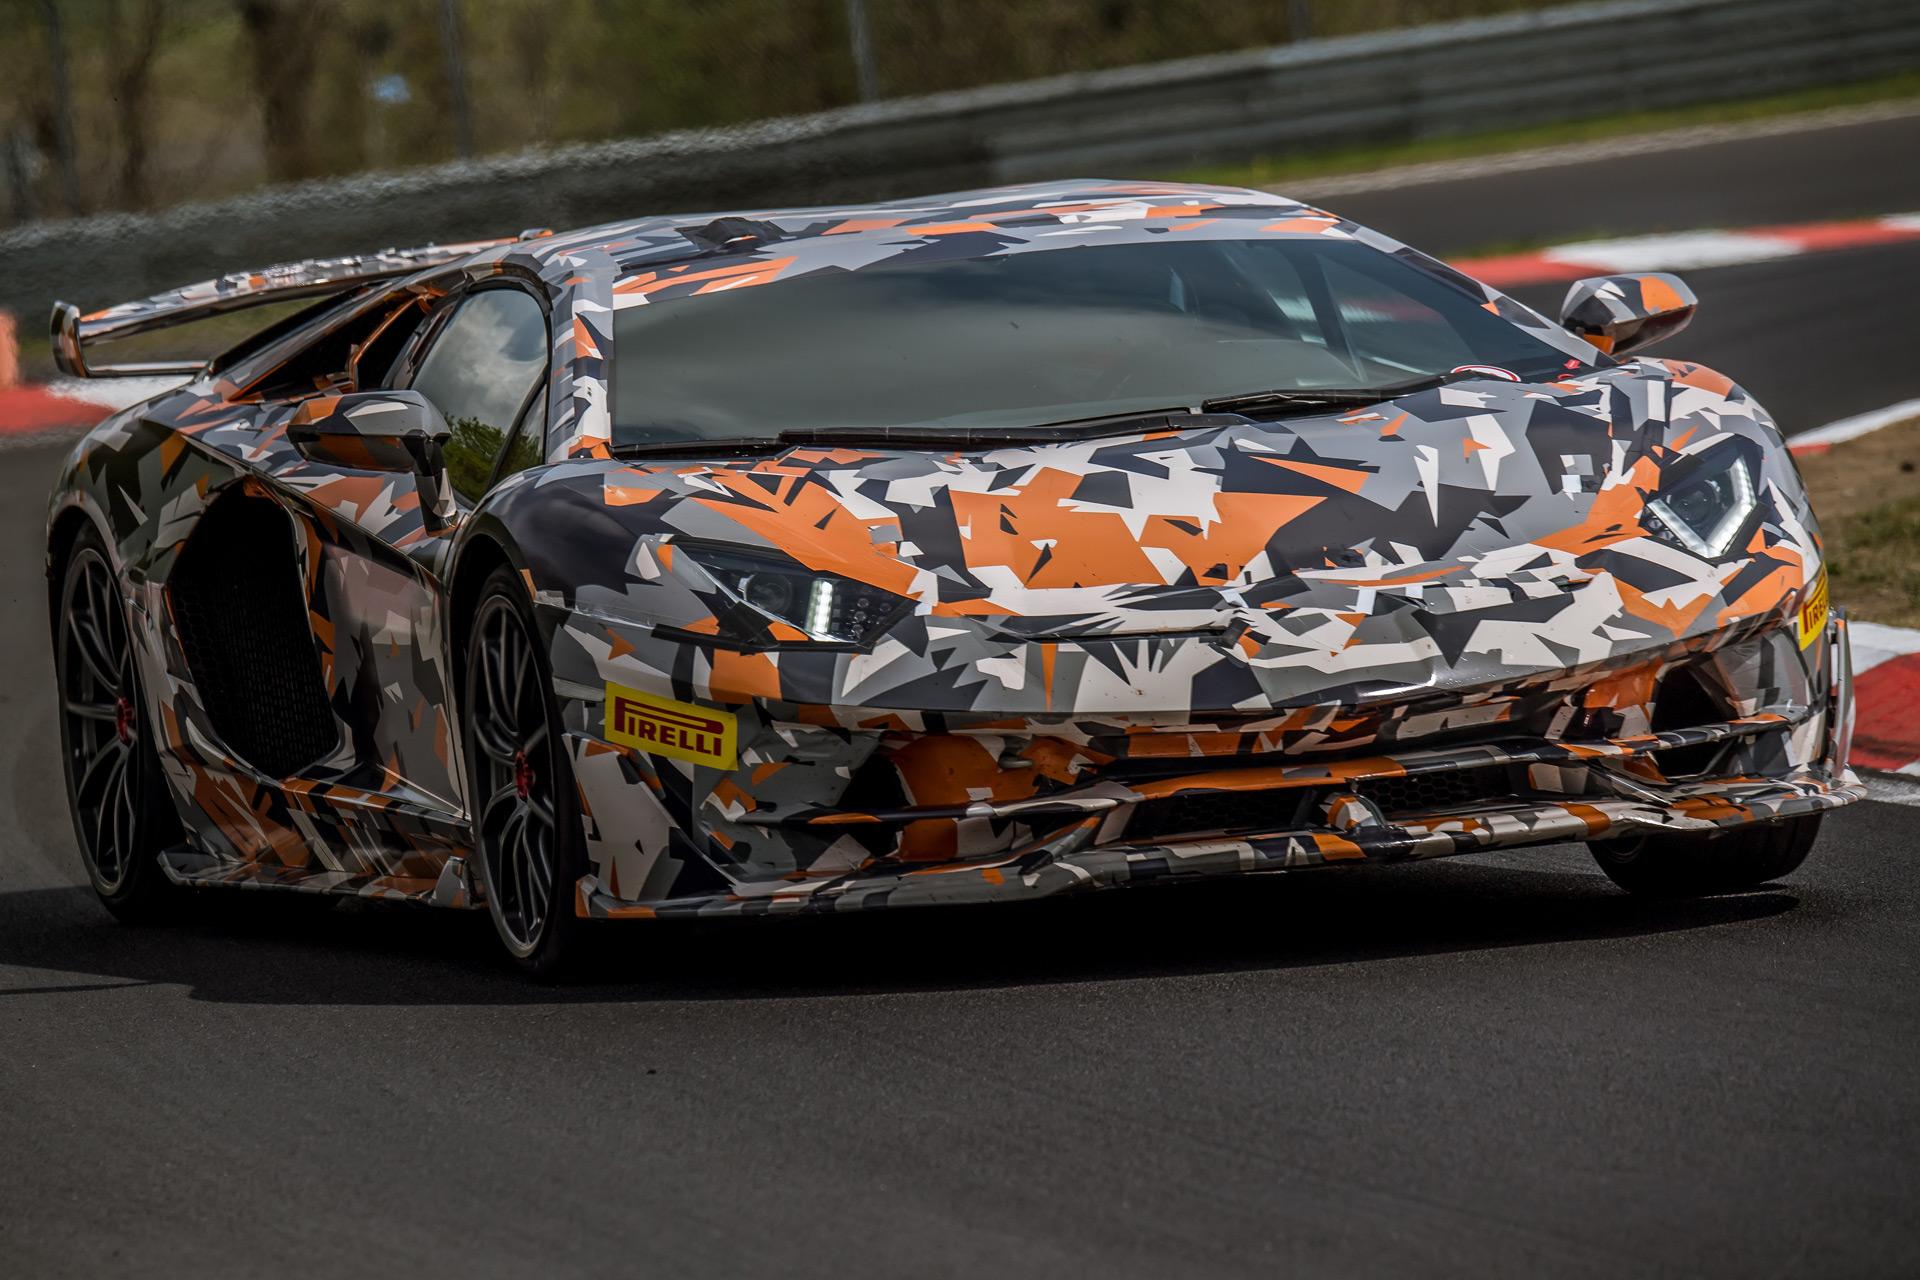 Lamborghini Aventador Svj Details Surface